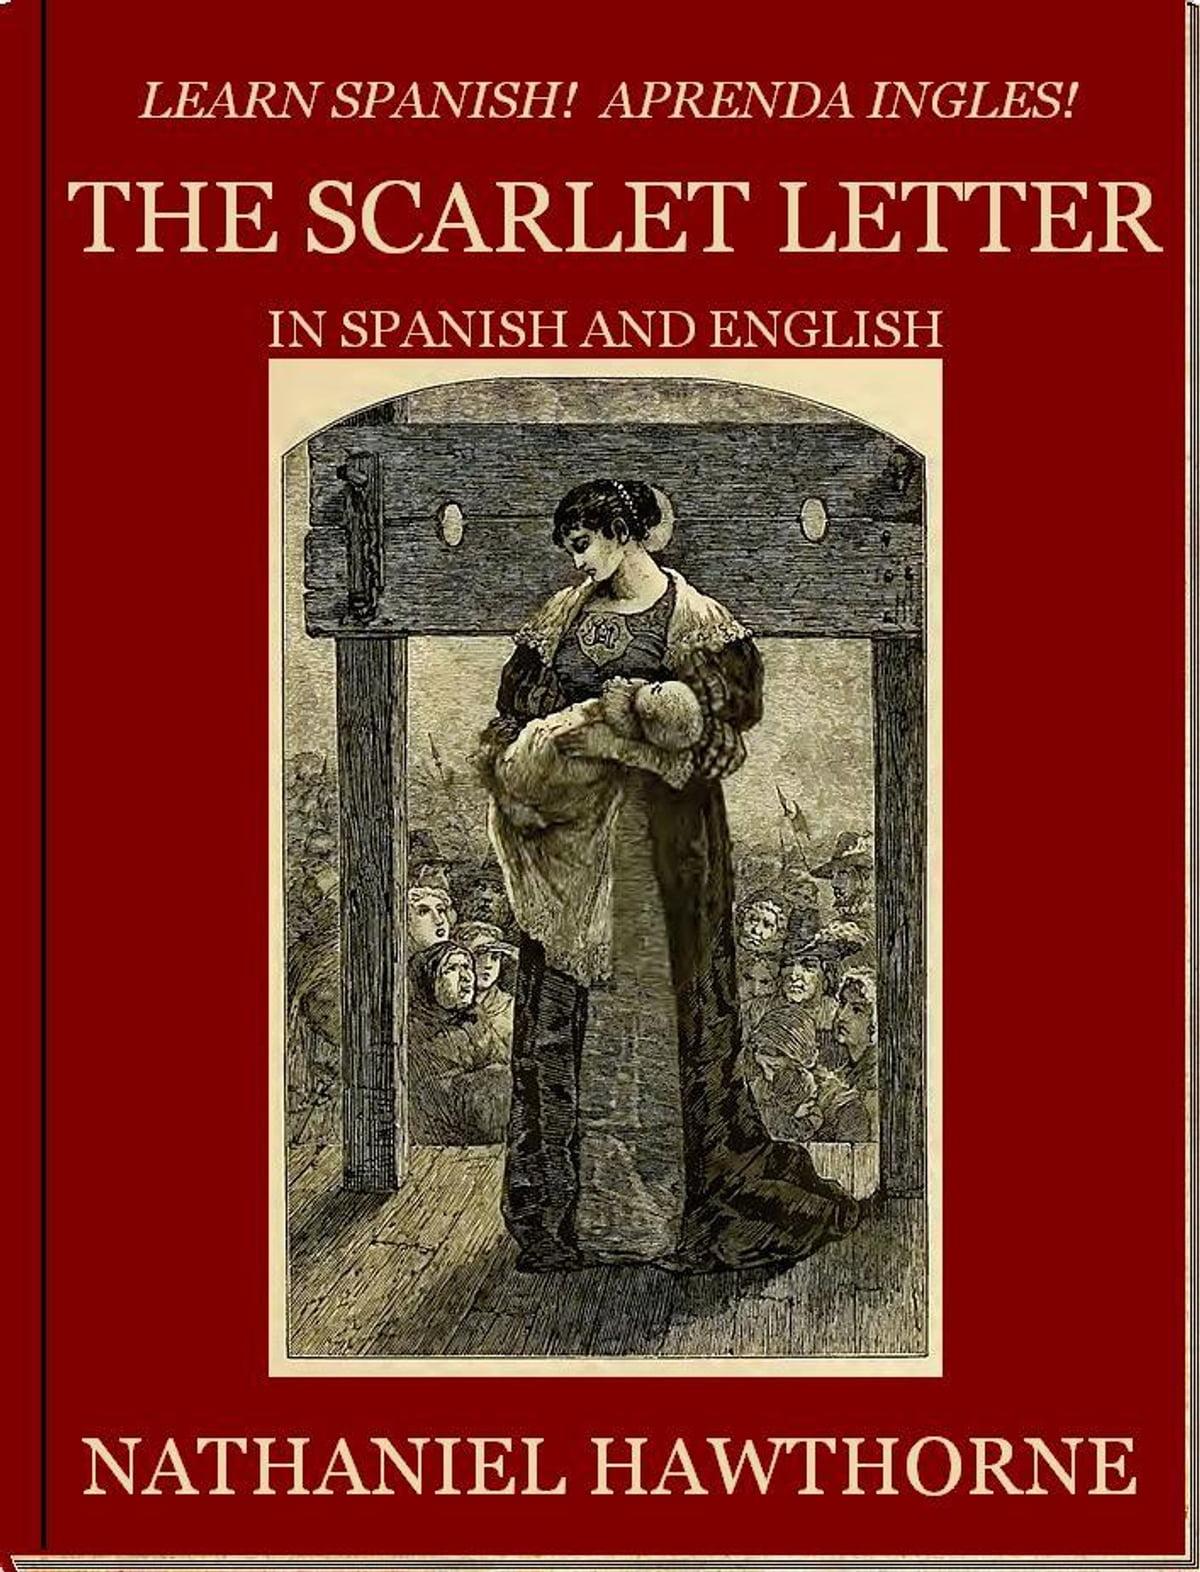 Learn Spanish Aprenda Ingles The Scarlet Letter In